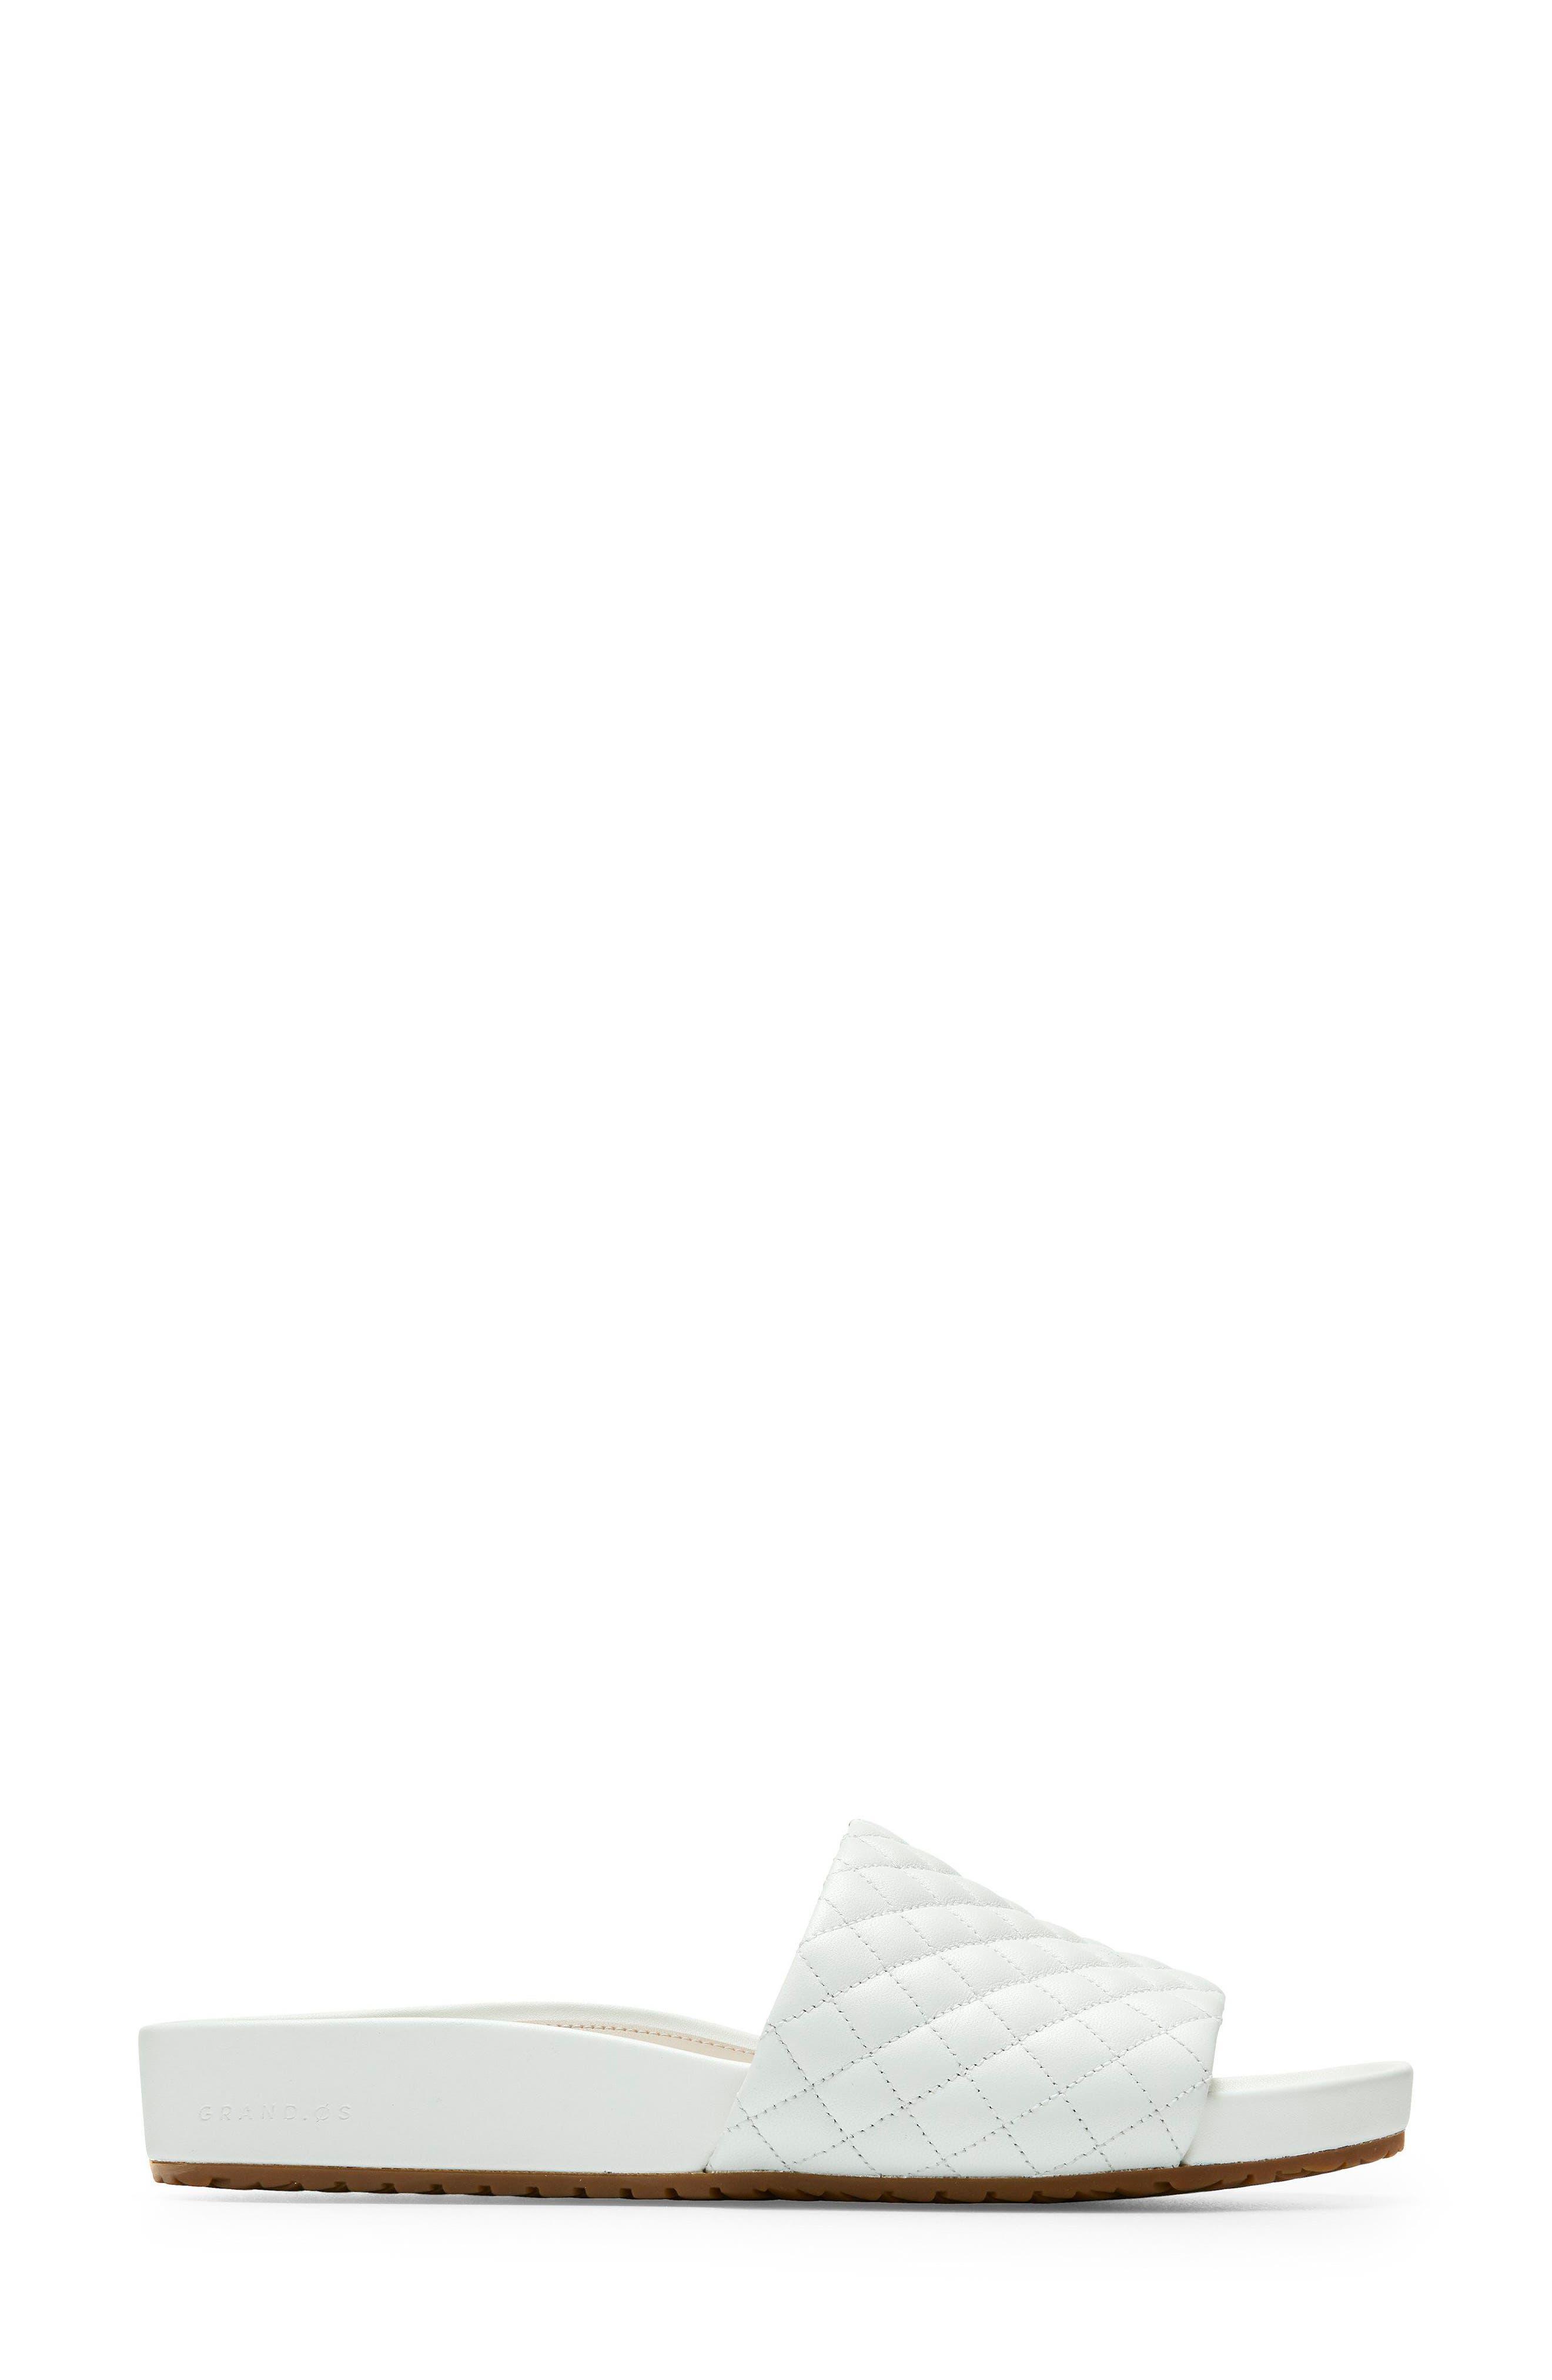 Pinch Montauk Slide Sandal,                             Alternate thumbnail 6, color,